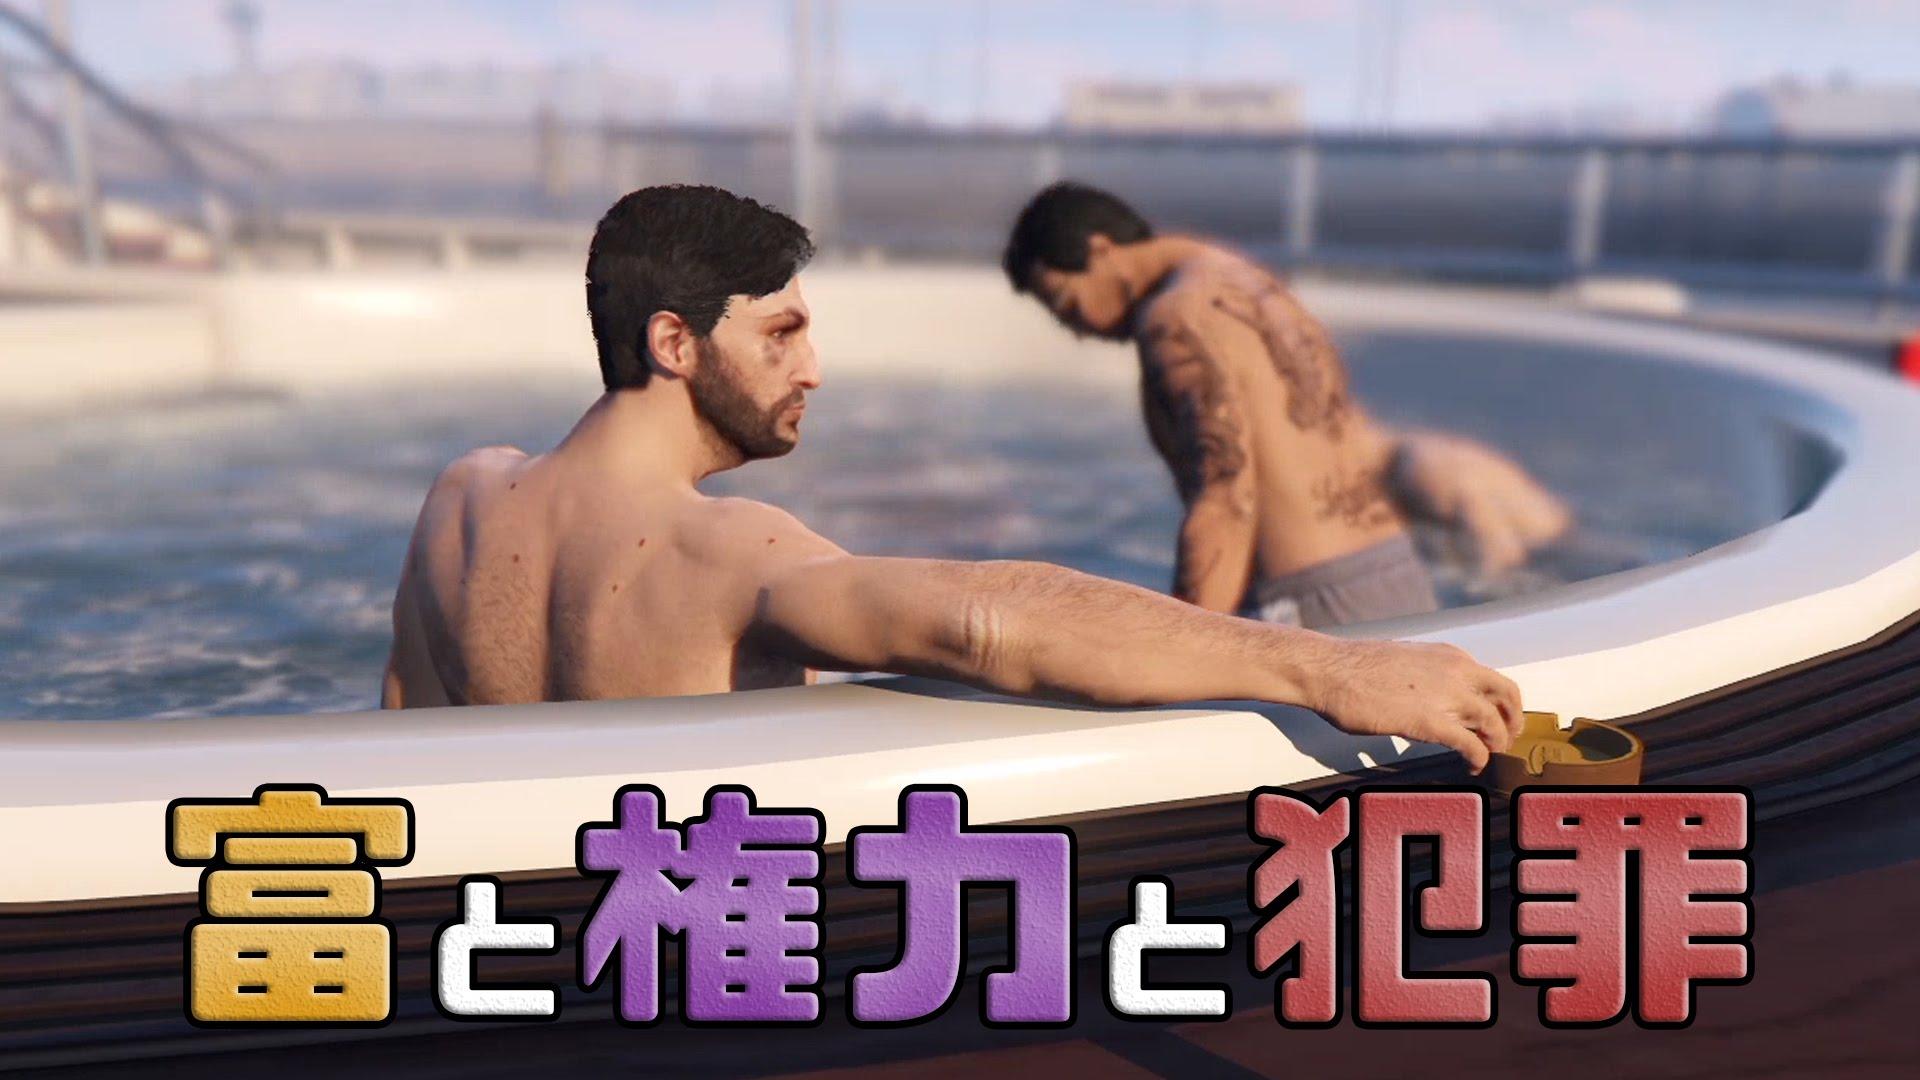 【PC版GTA Online】プレイ記録【富と権力と犯罪アップデート】